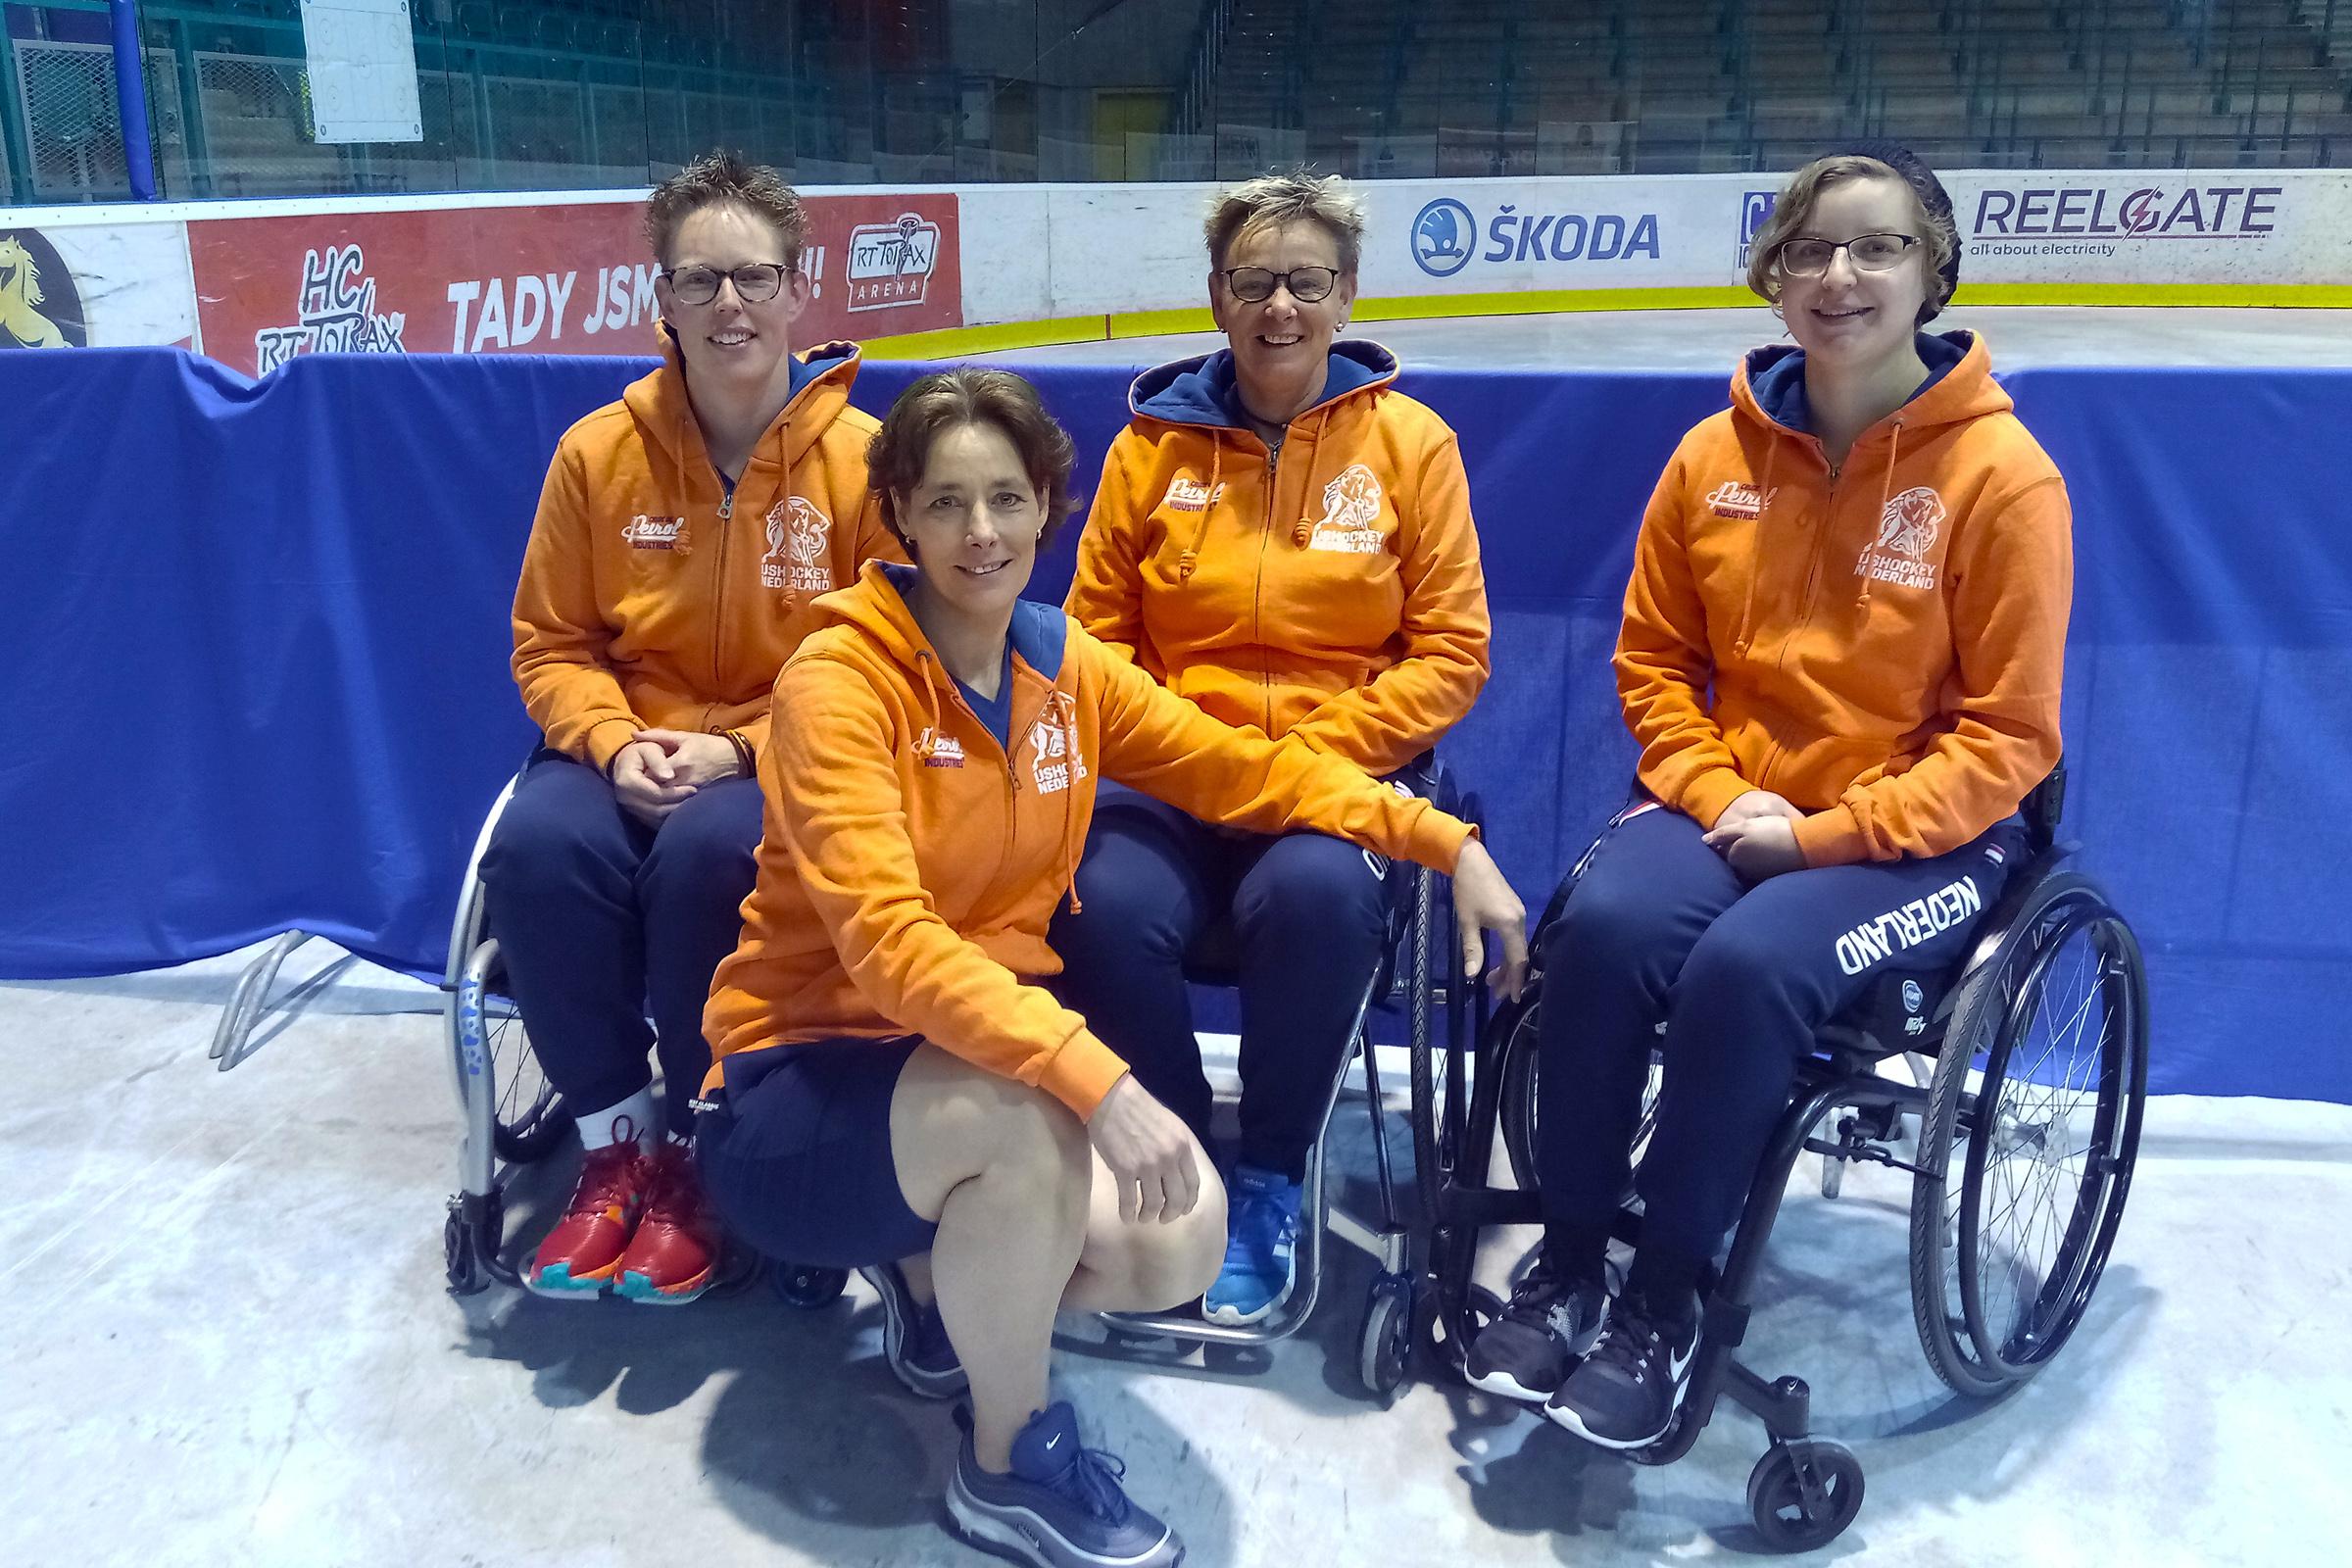 Para-ijshockey is een keiharde sport. Niet voor vrouwen? Think again!